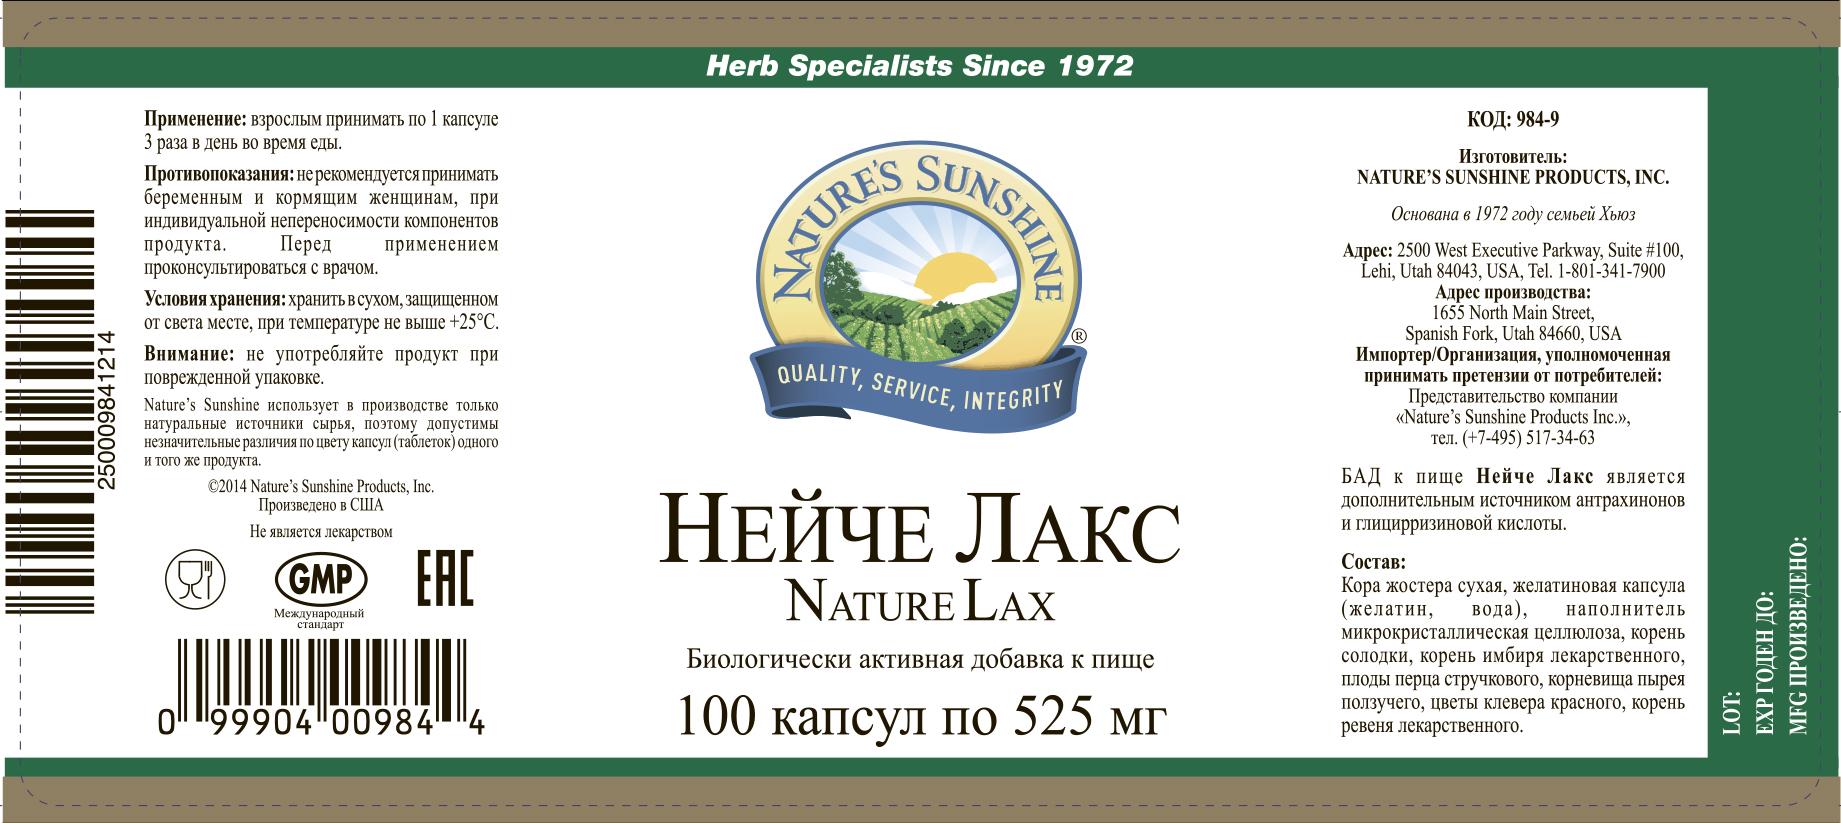 Картинка Нэйче Лакс / Nature Lax от магазина Nature's Sunshine Products